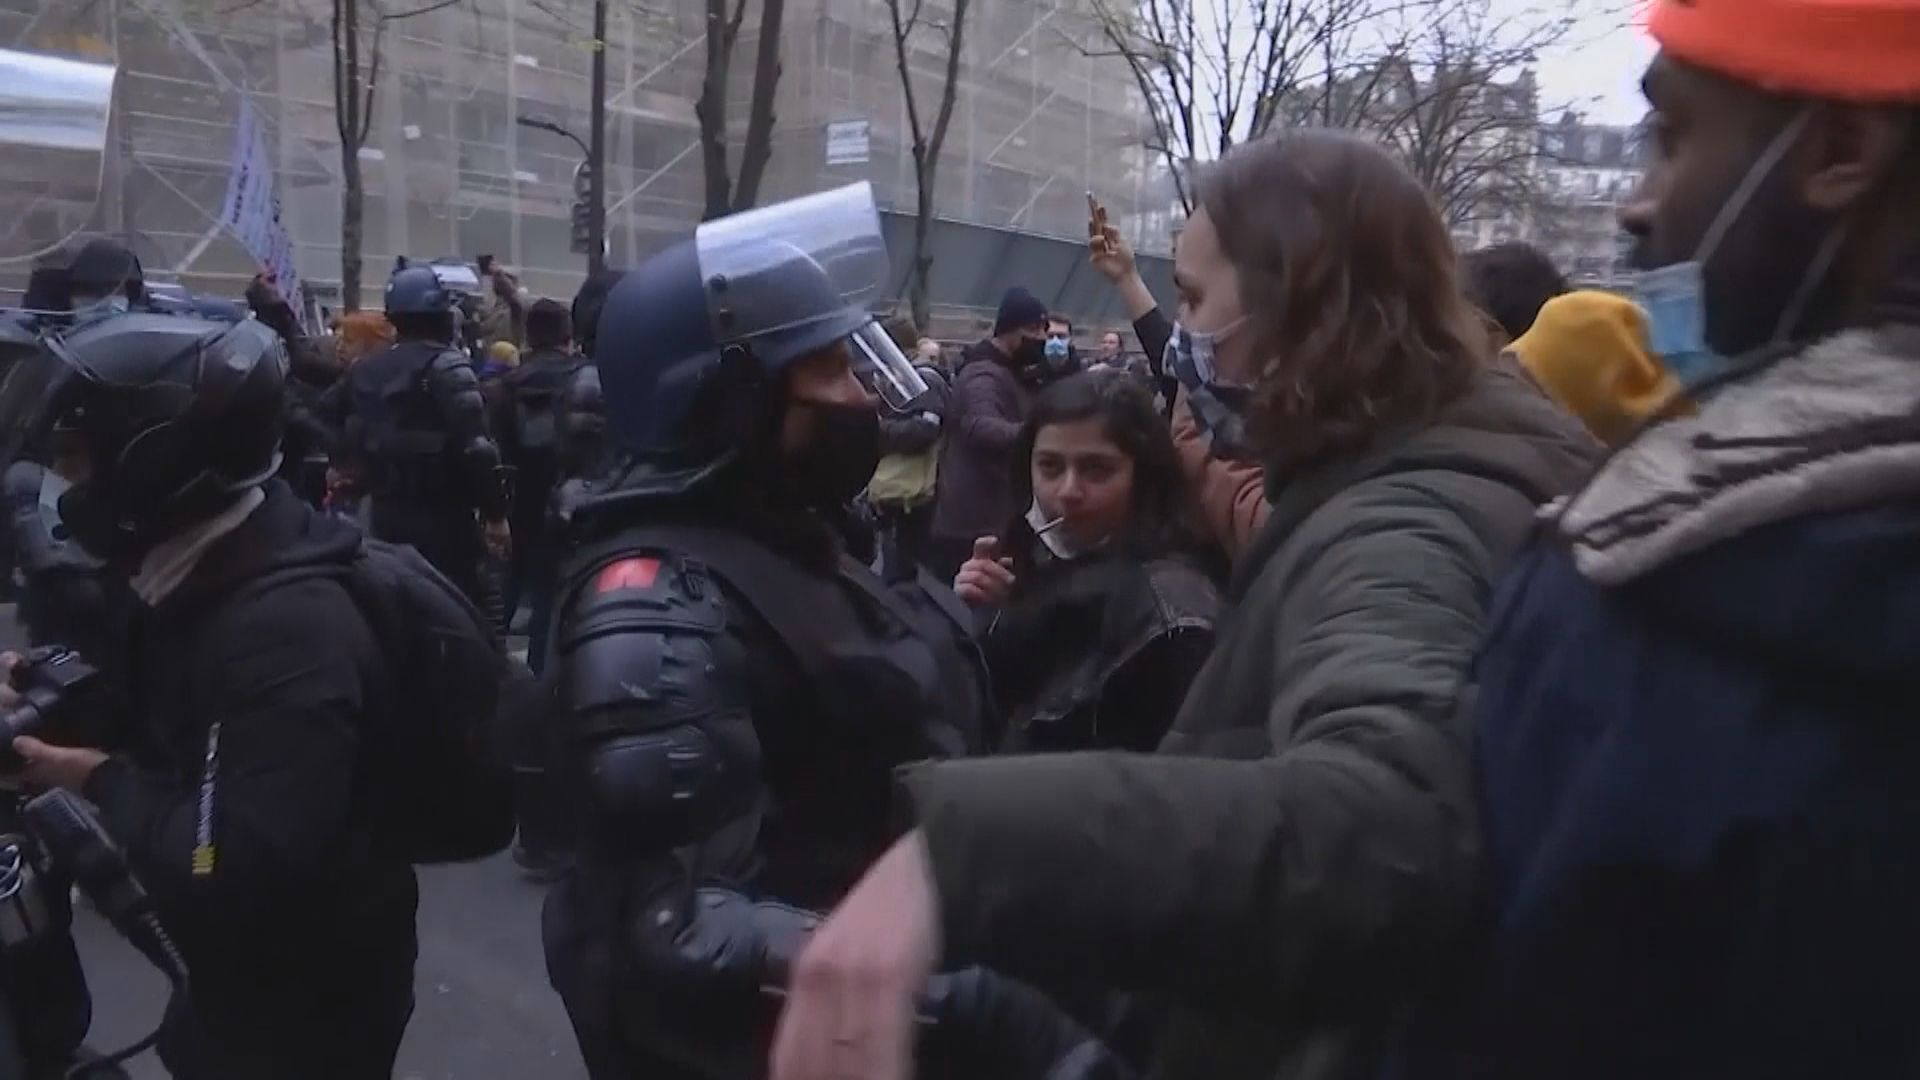 法國巴黎數千民眾上街 有人縱火燒車